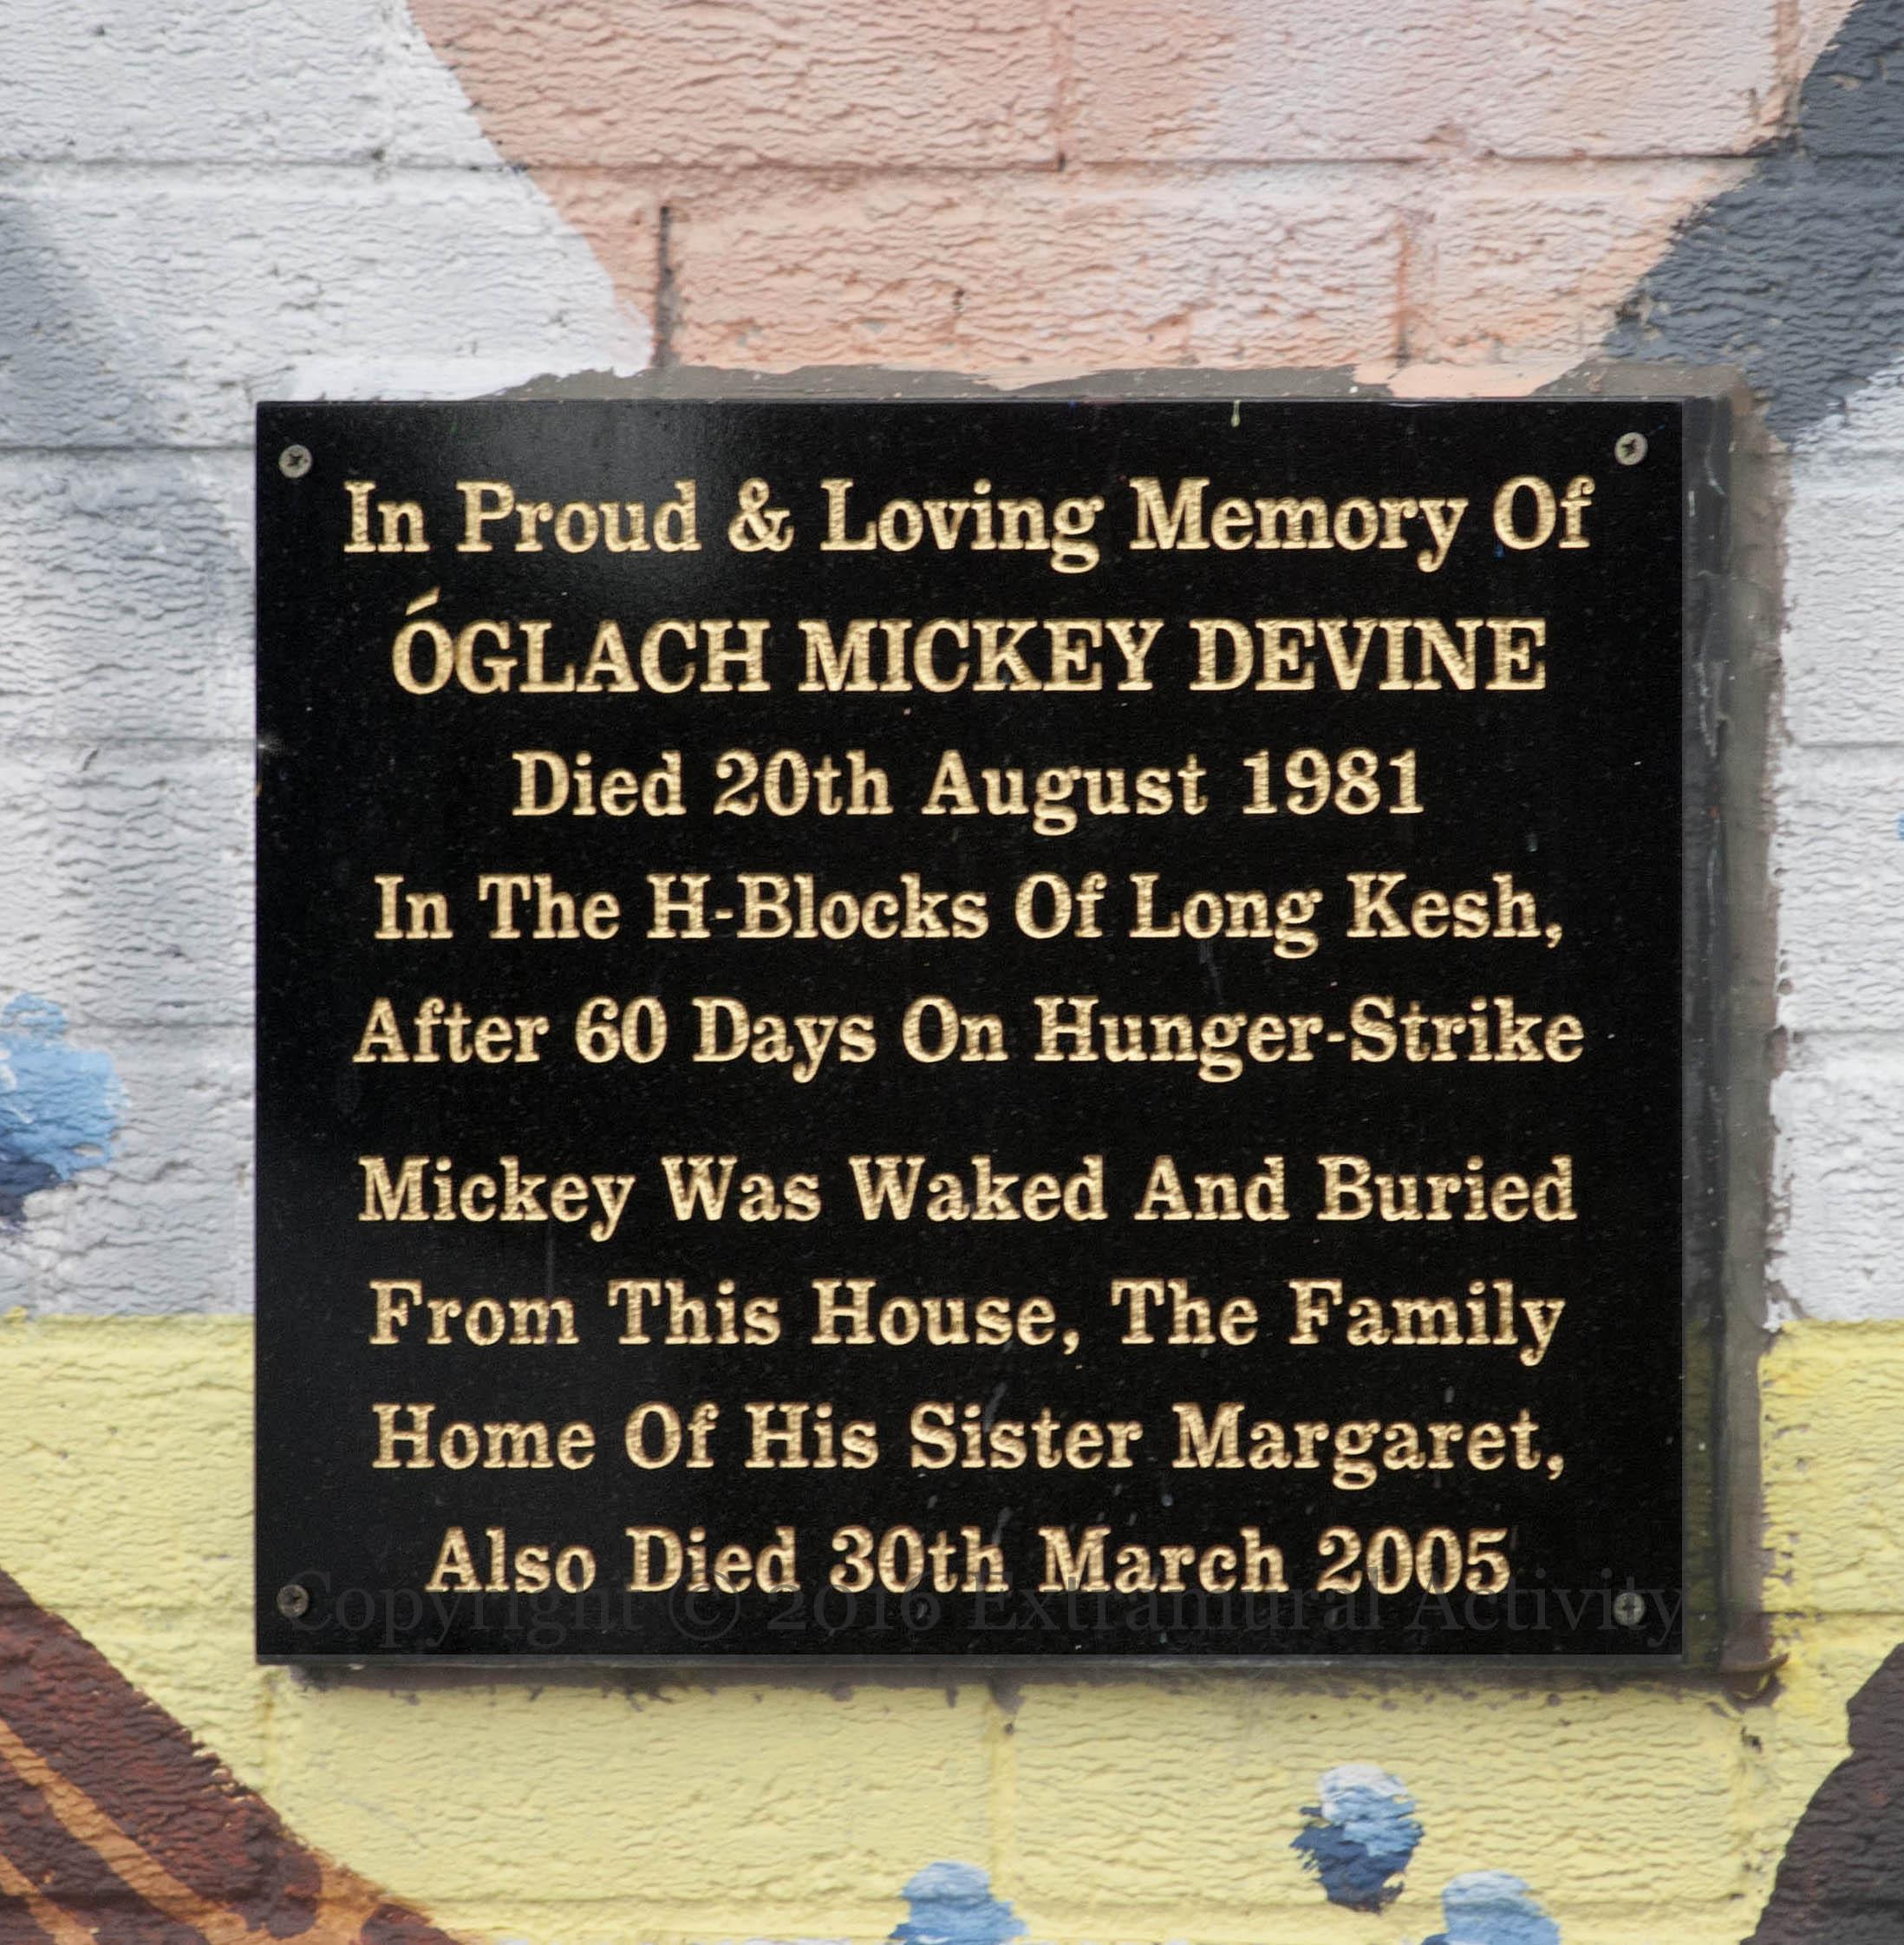 03621 2016-07-04 Oglach Mickey Devine+